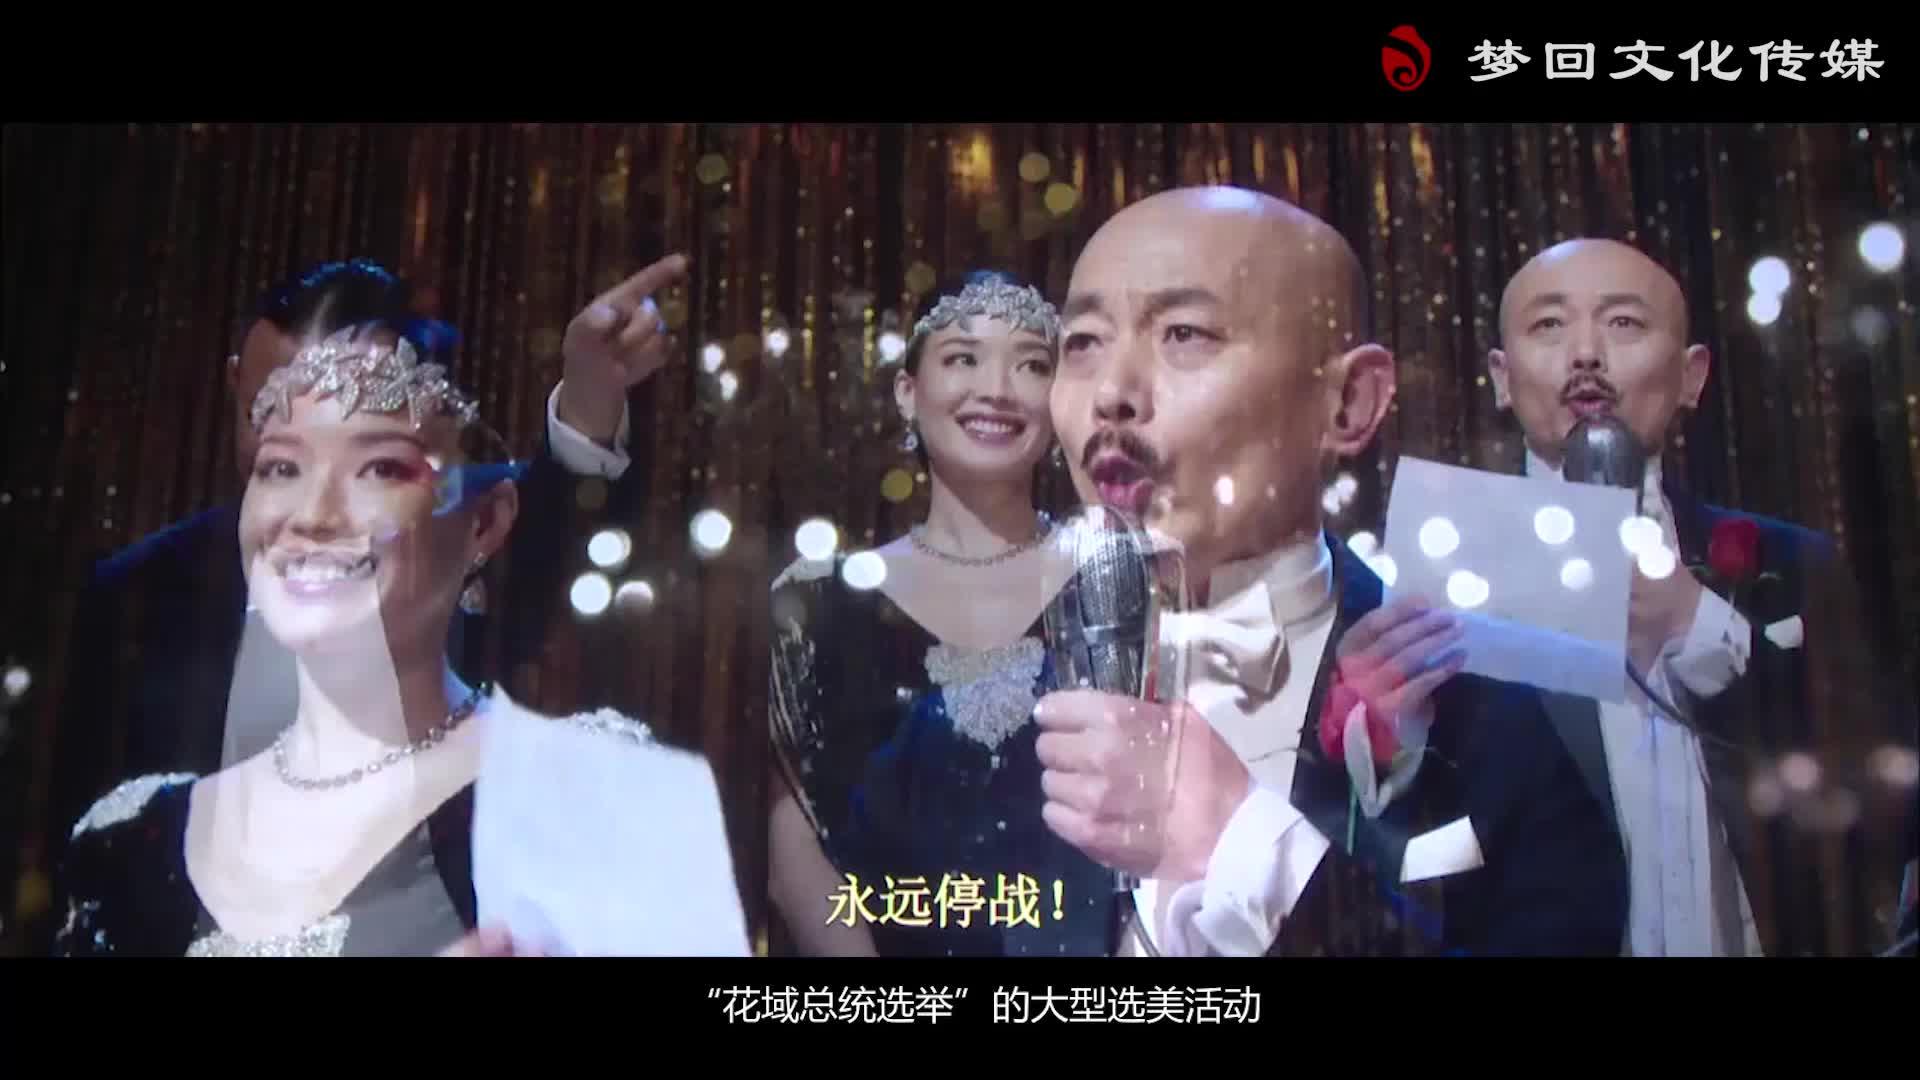 【赵老师的电影课】一步之遥(一)